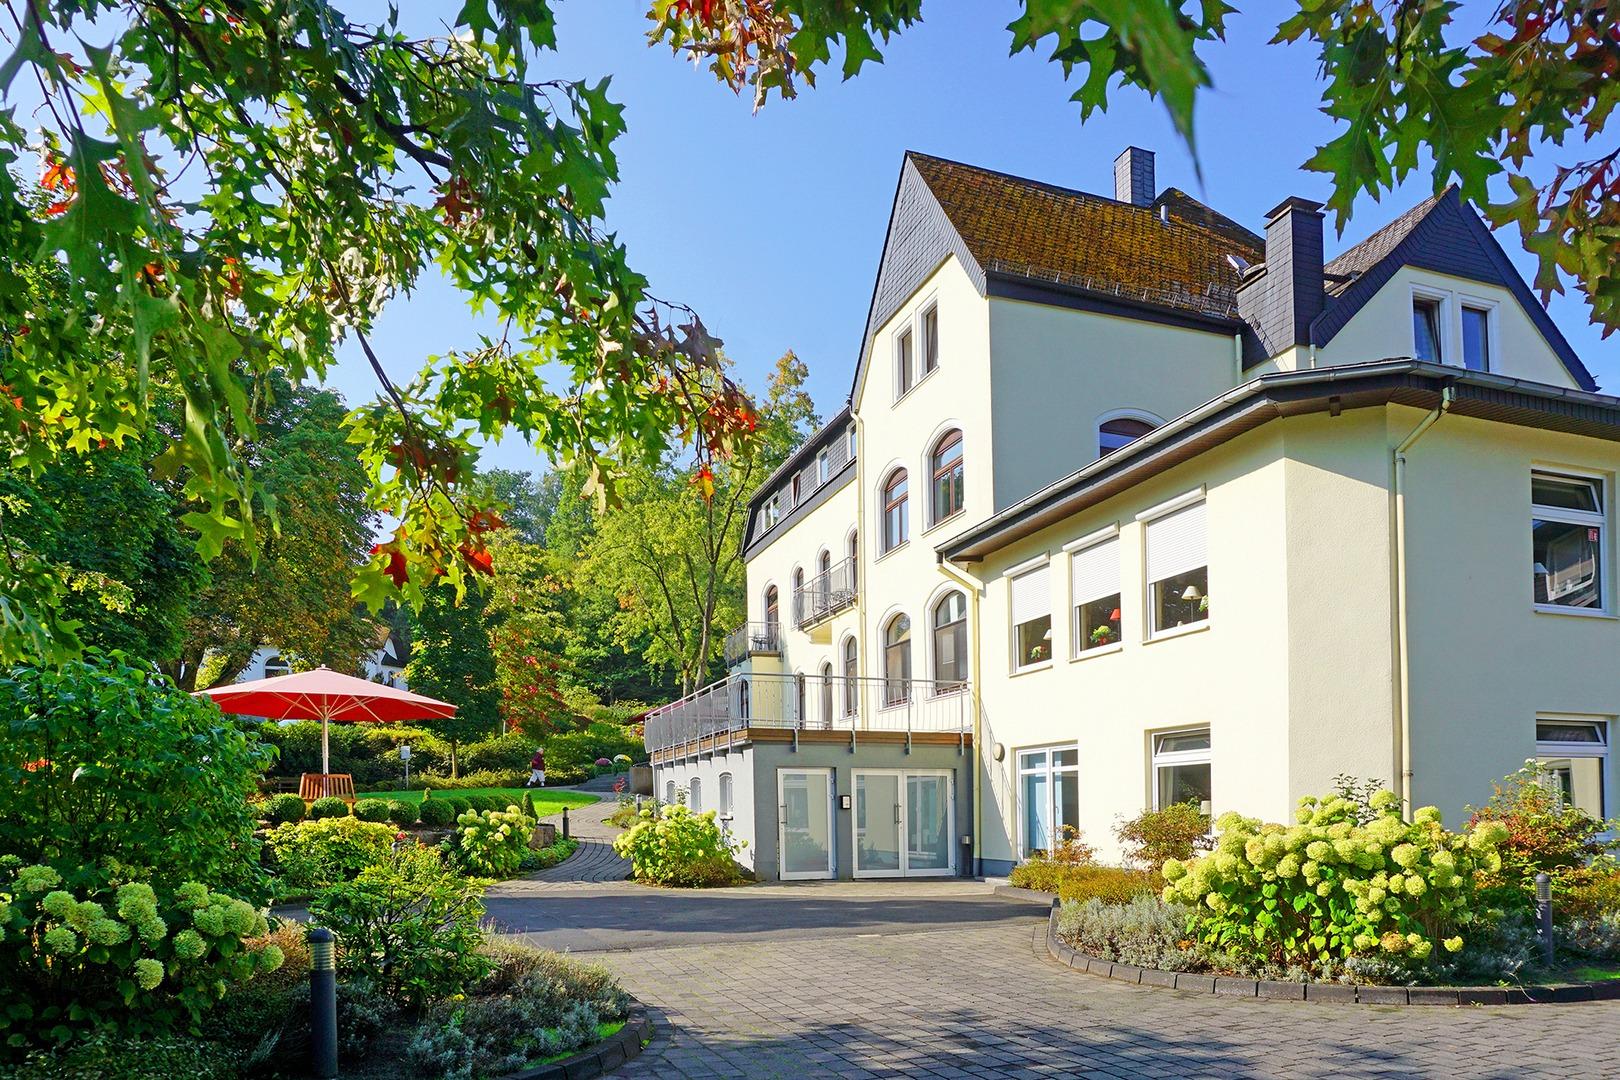 Twice Hotel Wiesbaden